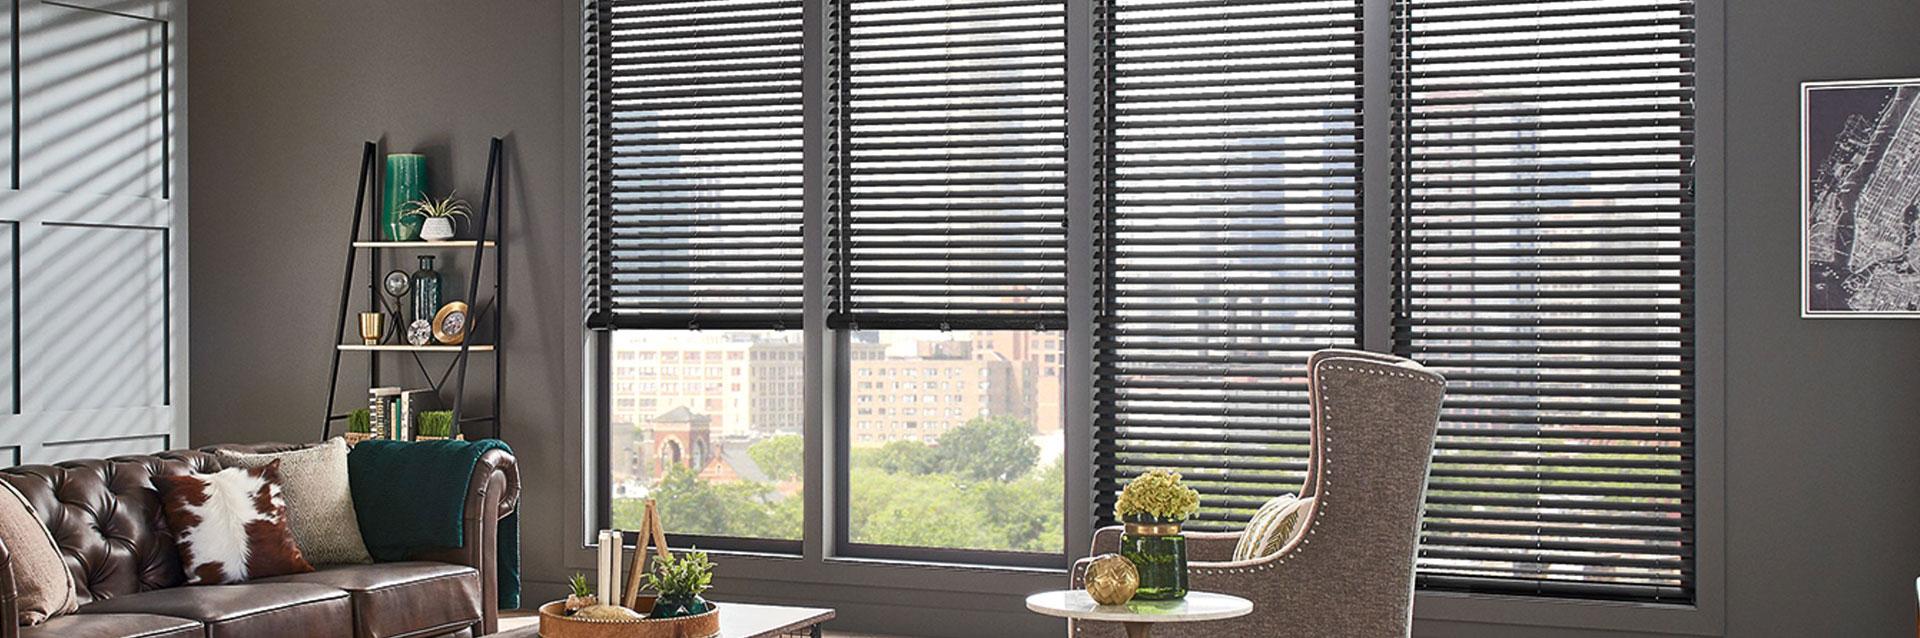 Soho-blinds